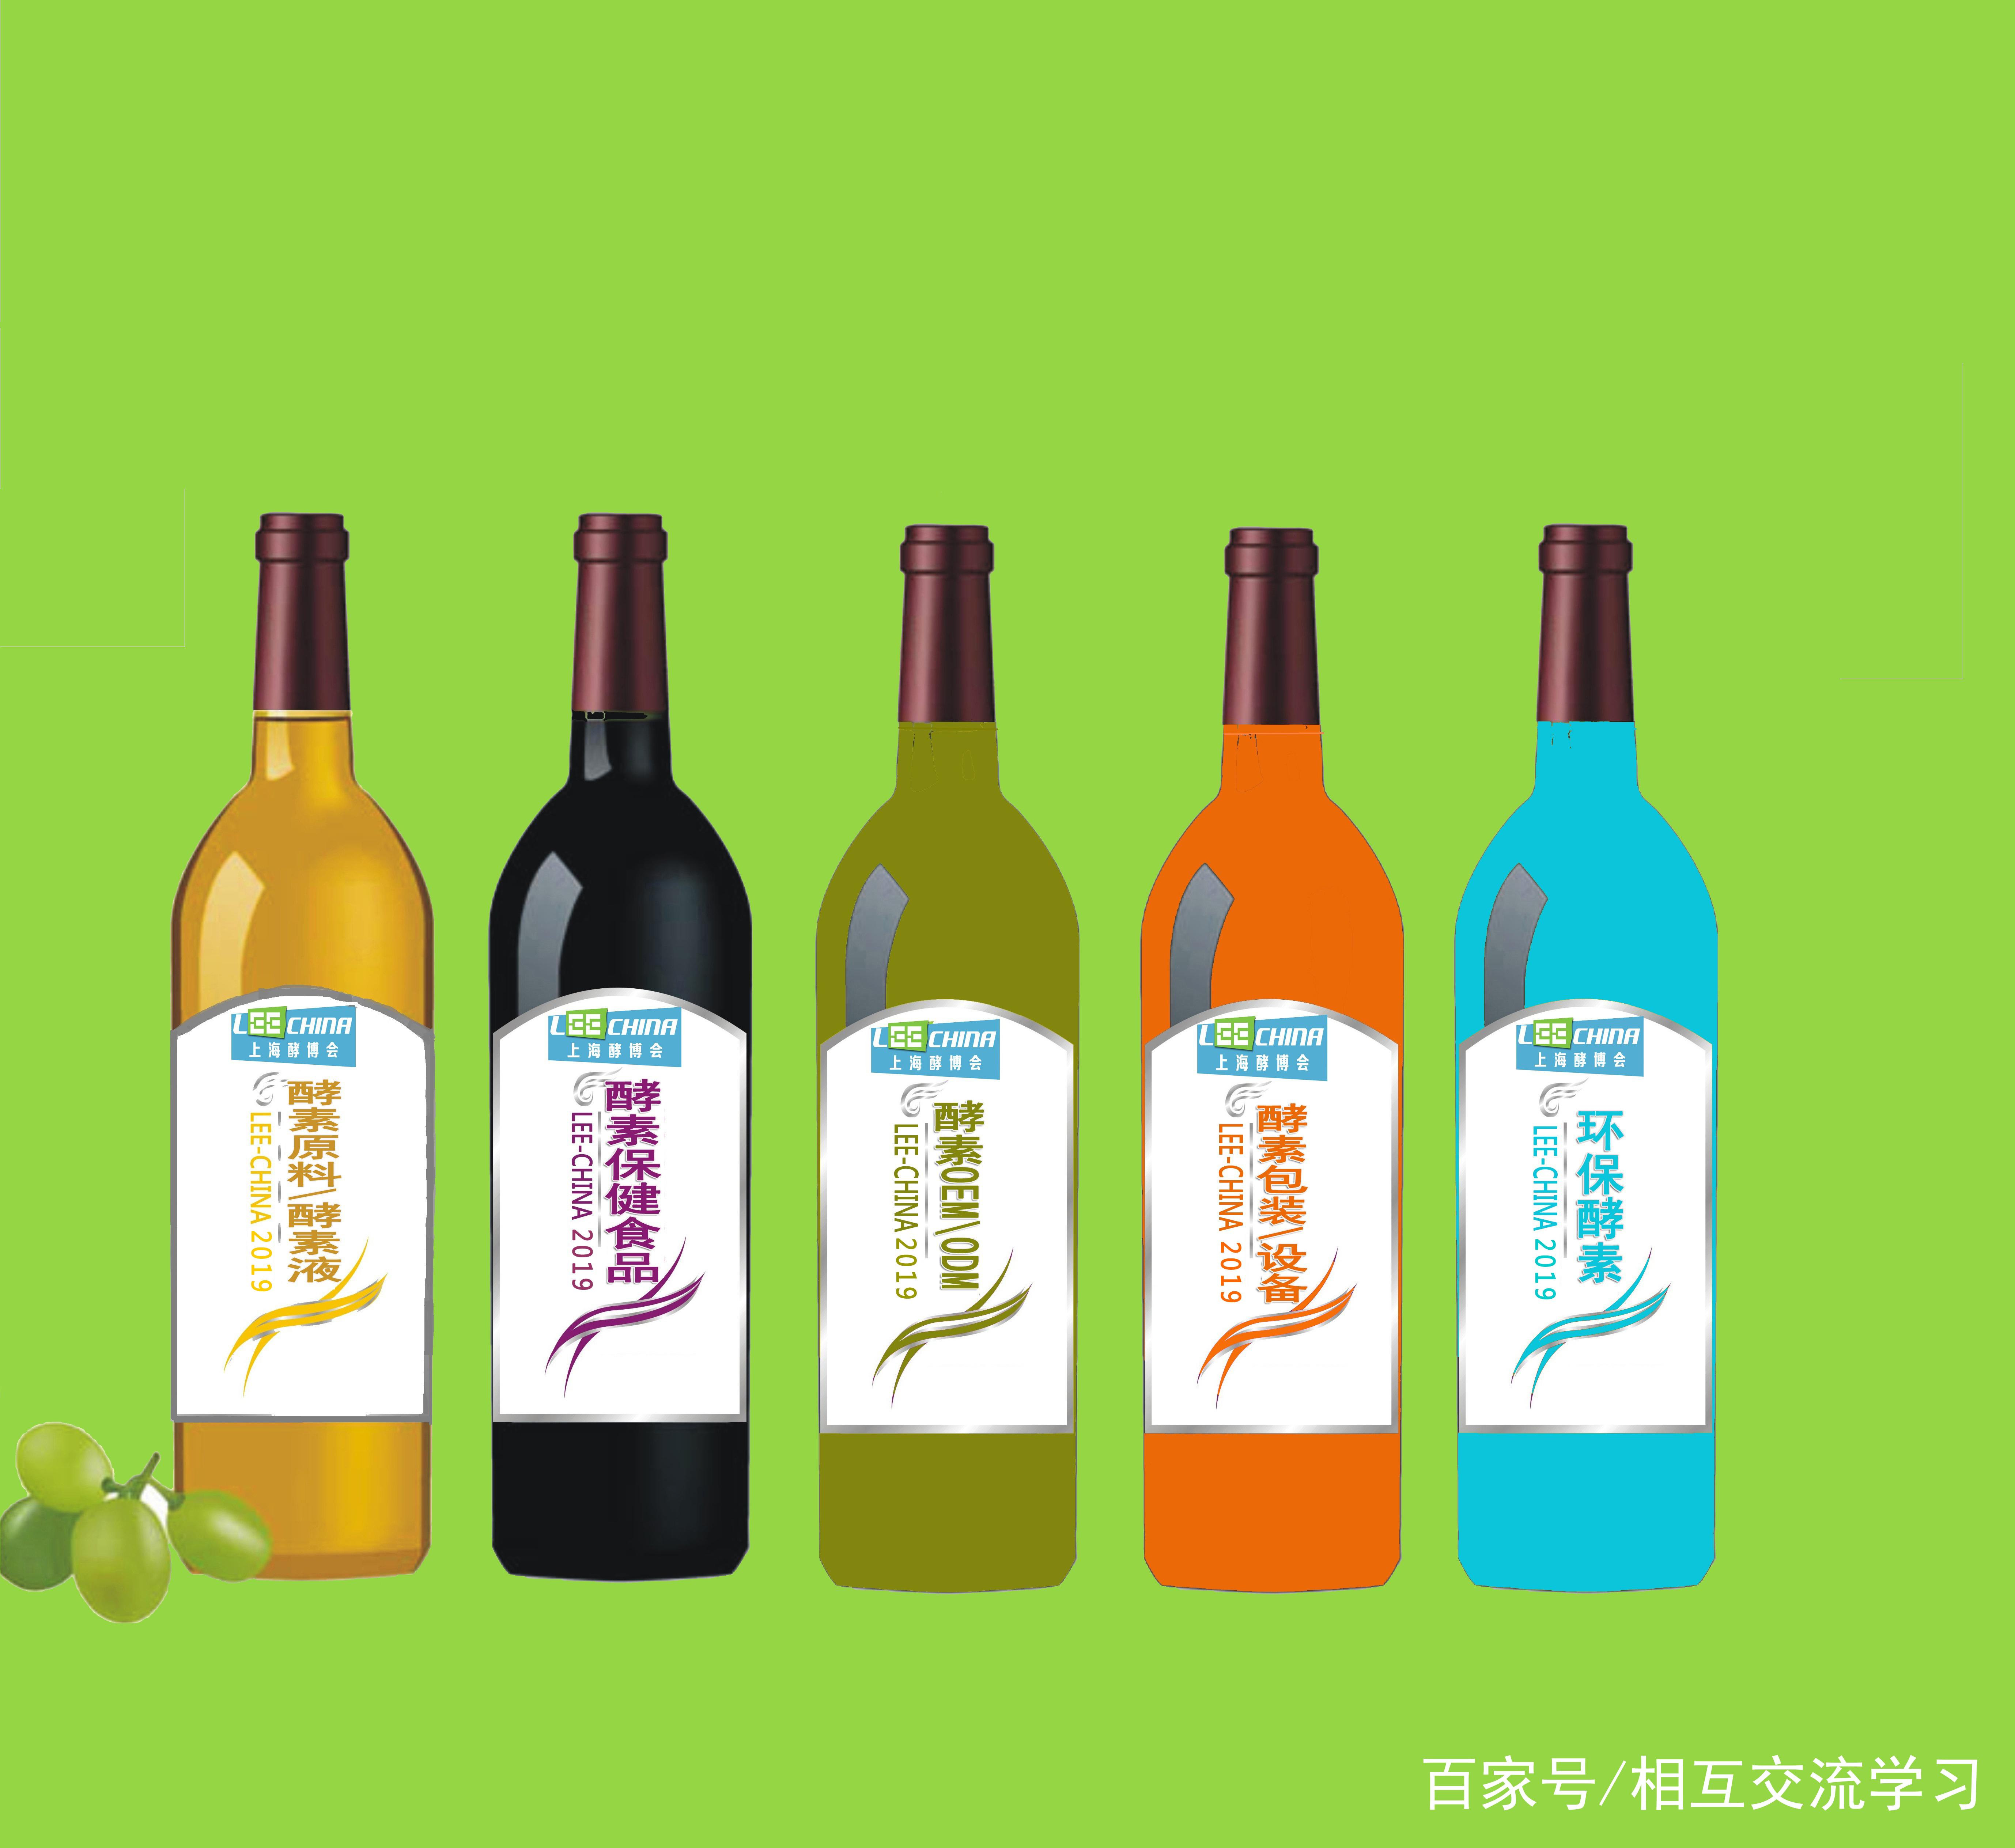 养生天下生物科技有限公司再次莅临2019第五届上海酵素展